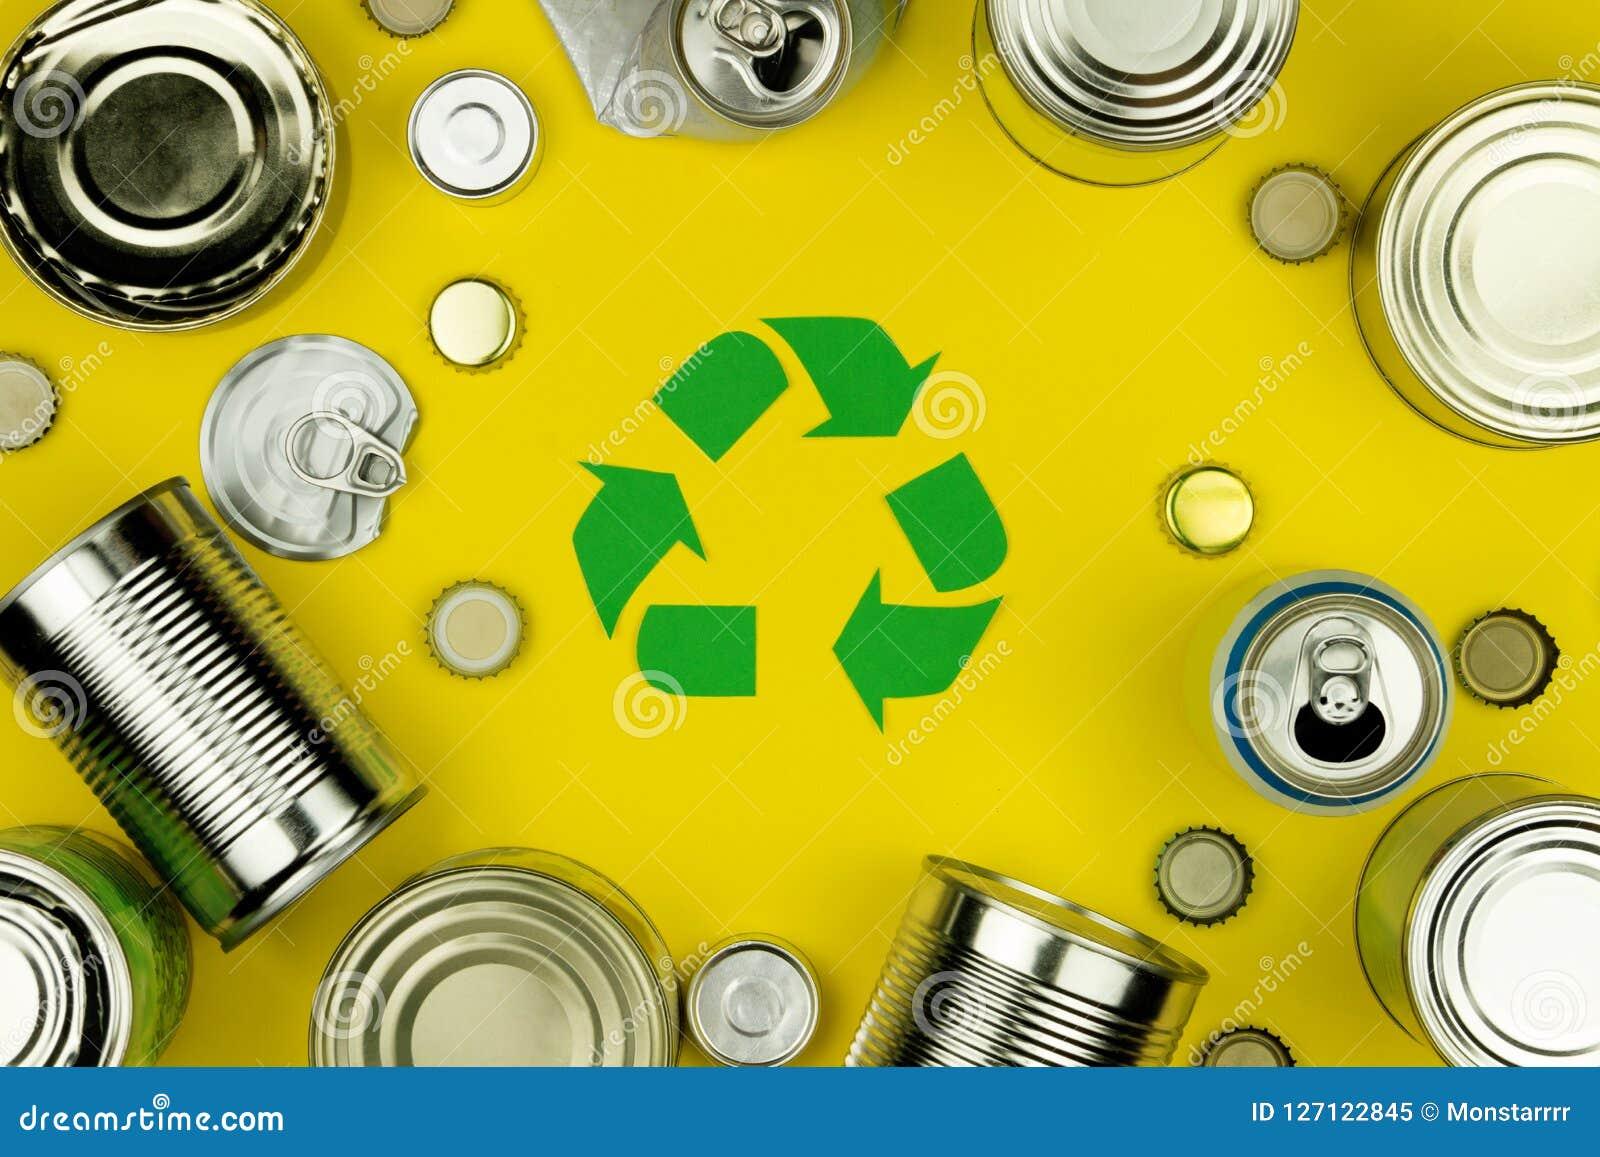 Ricicli il simbolo del segno di riutilizzazione con le latte di alluminio del metallo, le coperture, barattoli